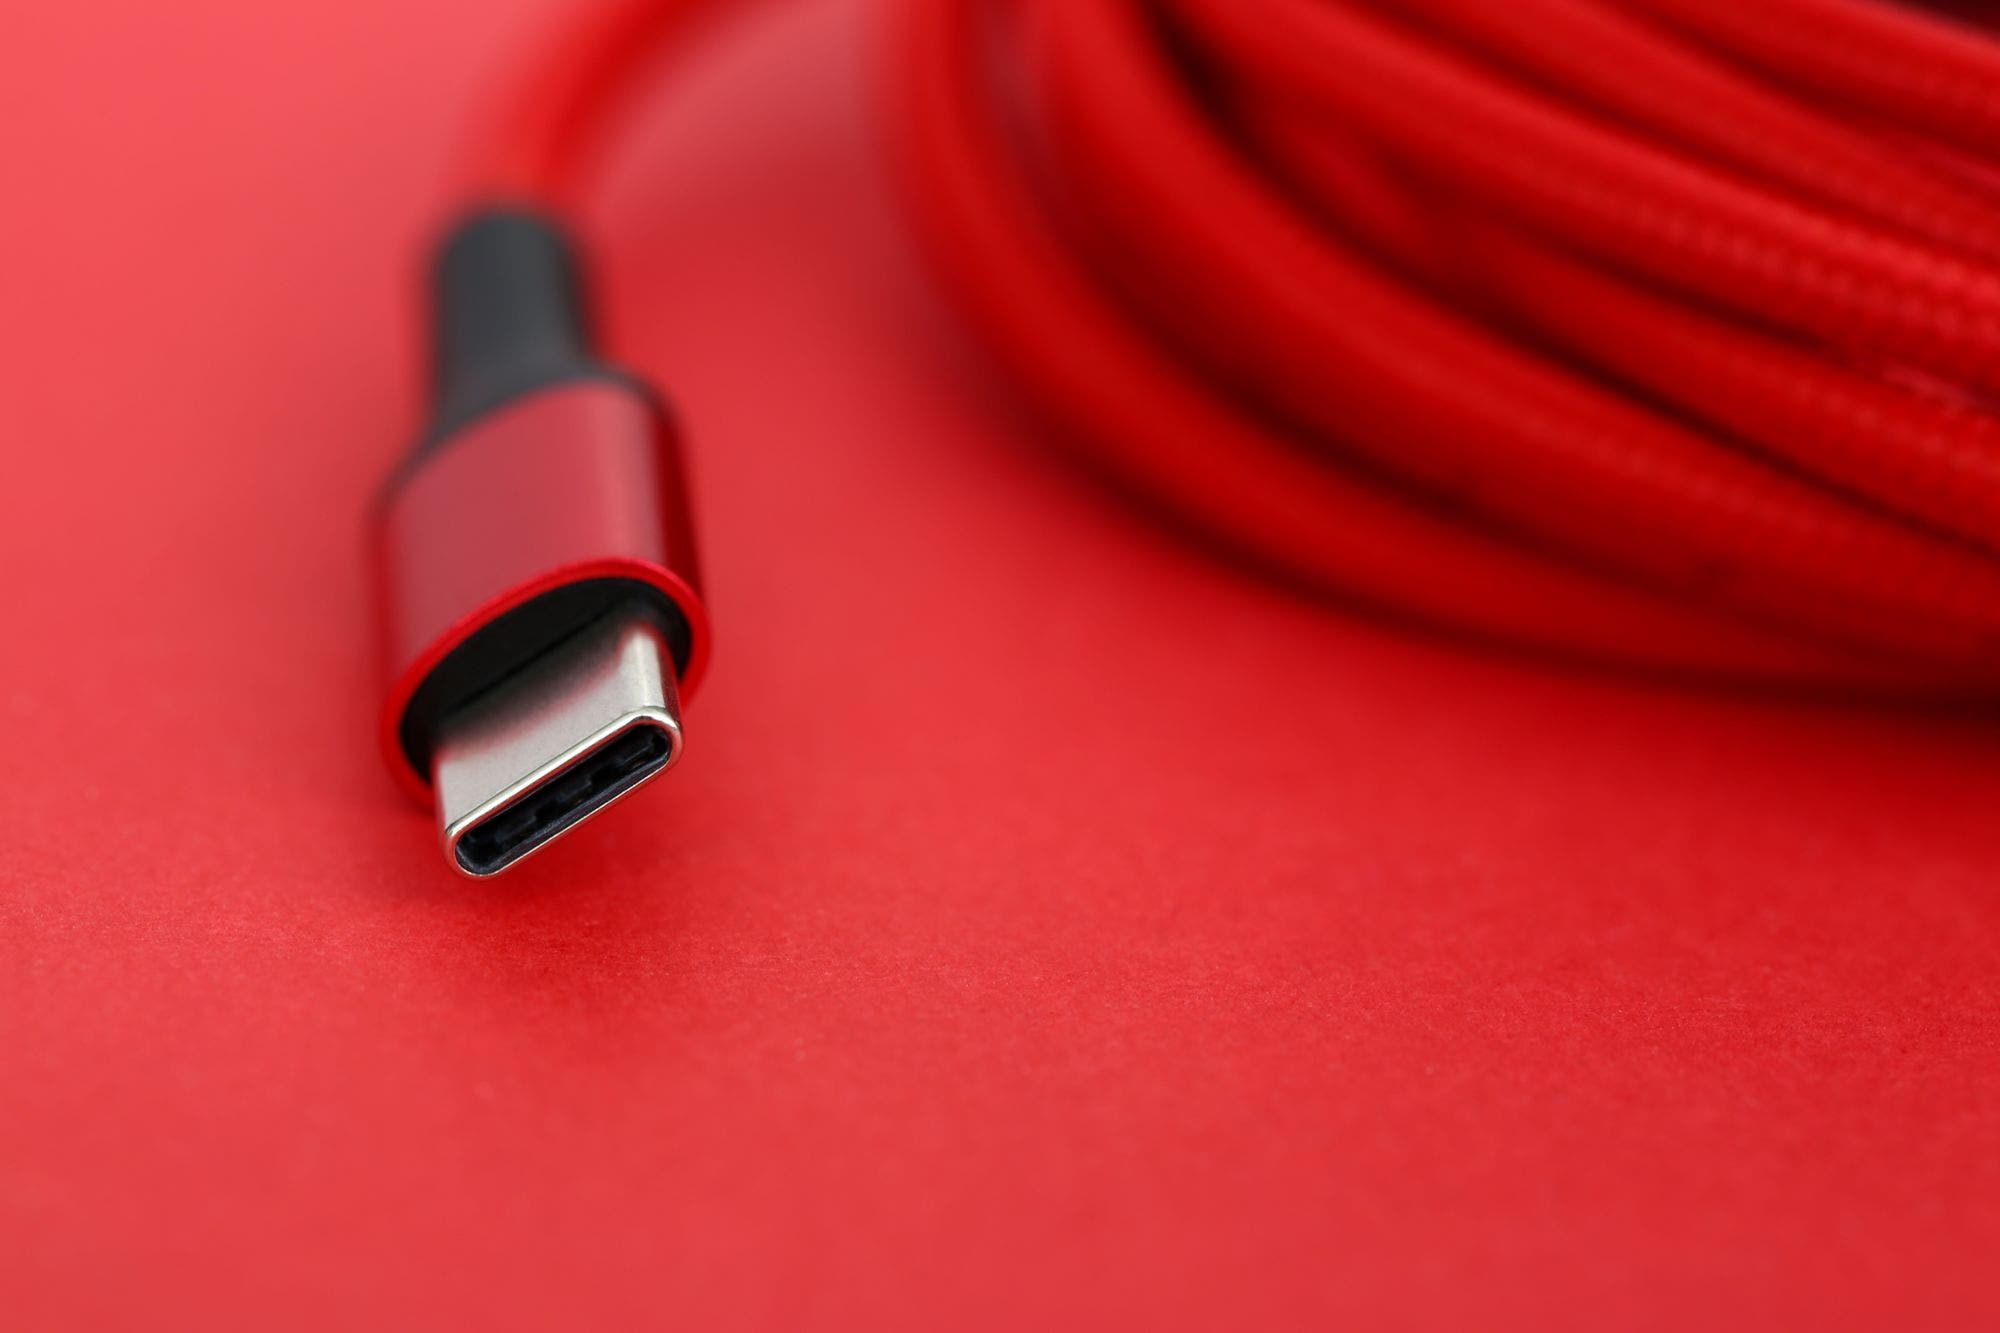 El futuro del USB 4: permitirá transmitir resoluciones de más de 8K